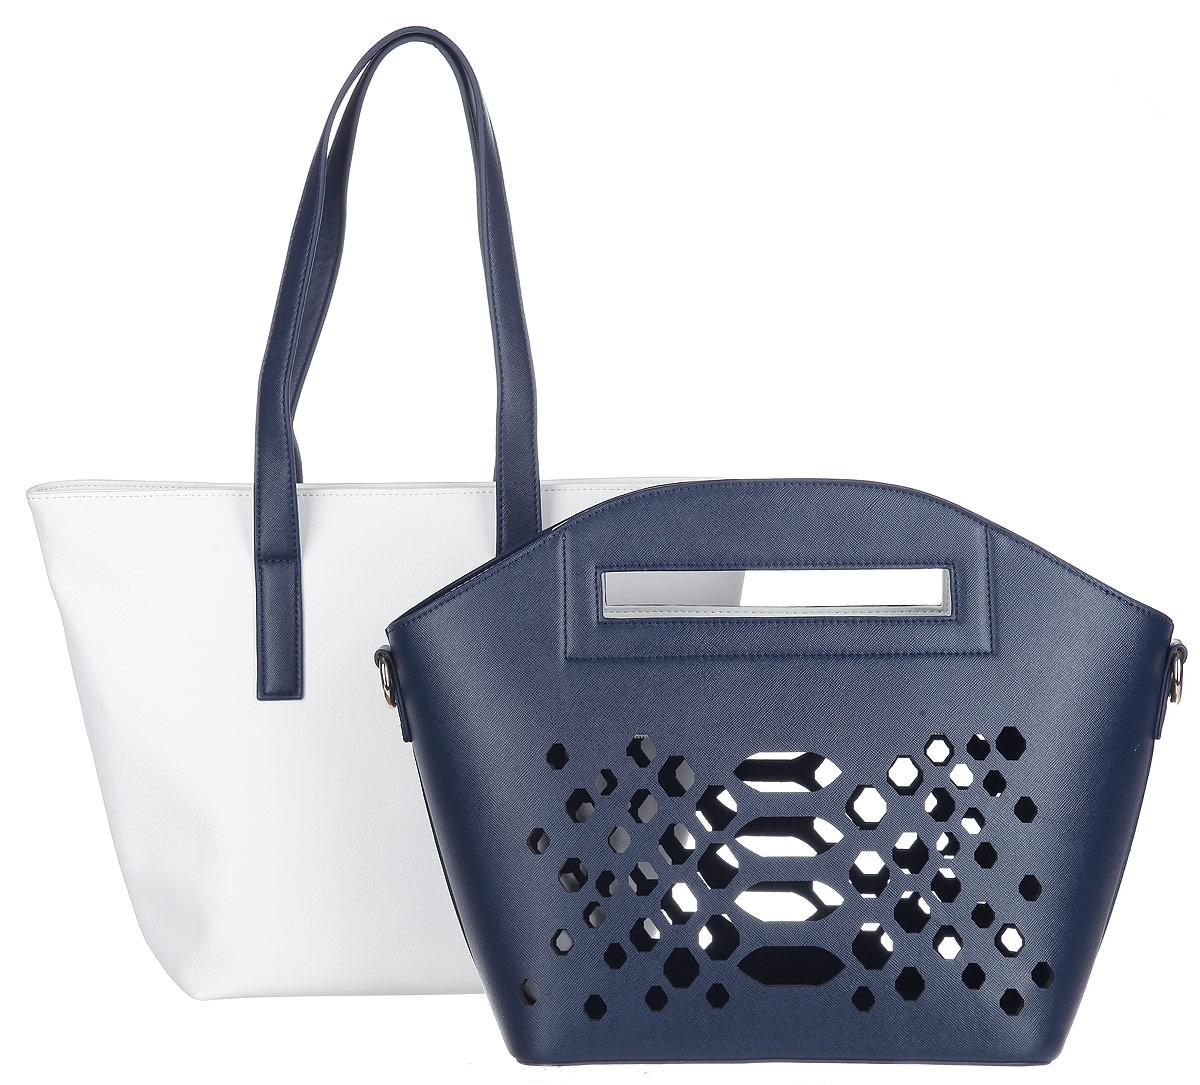 Сумка женская VelVet, цвет: темно-синий, белый. 995-161286-172995-161286-172Оригинальная женская сумка VelVet выполнена из искусственной кожи и представляет собой сумку два в одном. Каждую сумку можно использовать как отдельный аксессуар. Внешняя сумка выполнена из плотной кожи с тиснением под сафьян и без подкладки, оформлена фигурной вырубкой и застегивается на пластиковую молнию. Вторая сумка изготовлена из кожи с зернистой фактурой и застегивается на молнию. Внутри врезной карман на молнии и два нашивных кармана для телефона и мелочей. Удобные удлиненные ручки позволяют носить сумку не только в руках, но и на плече. Сумка оснащена съемным плечевым ремнем, регулируемой длины. Прилагается фирменный текстильный чехол для хранения. Сумка - это стильный аксессуар, который сделает ваш образ изысканным и завершенным.